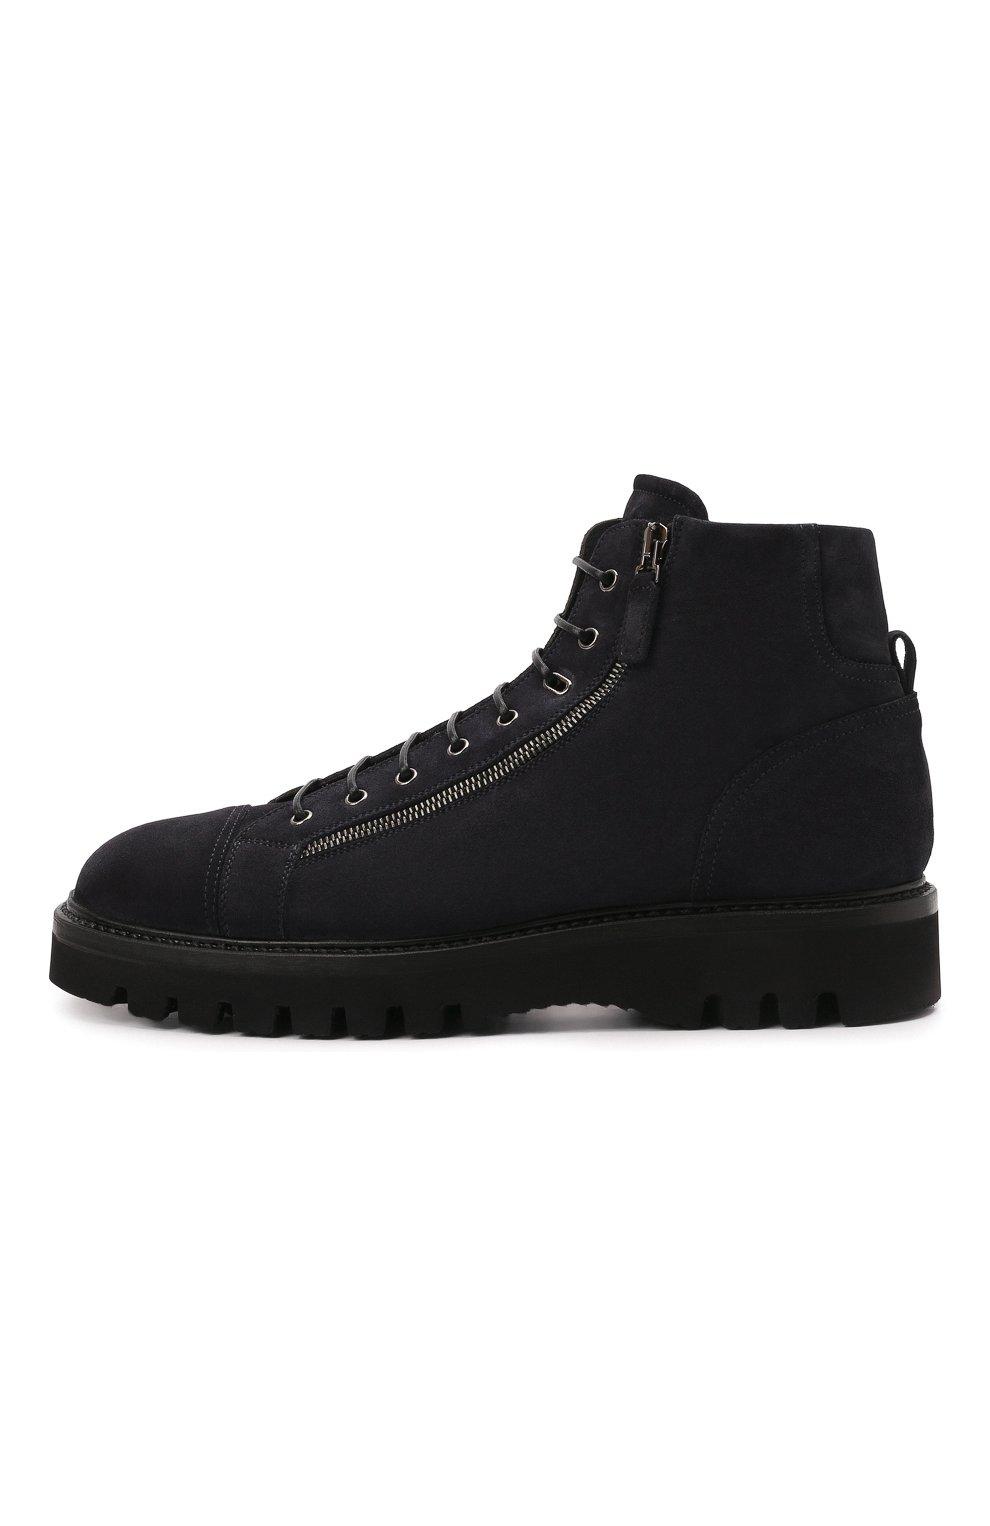 Мужские замшевые ботинки W.GIBBS синего цвета, арт. 0672001/2576 | Фото 3 (Материал утеплителя: Натуральный мех; Мужское Кросс-КТ: Ботинки-обувь, зимние ботинки; Подошва: Массивная; Материал внешний: Замша)